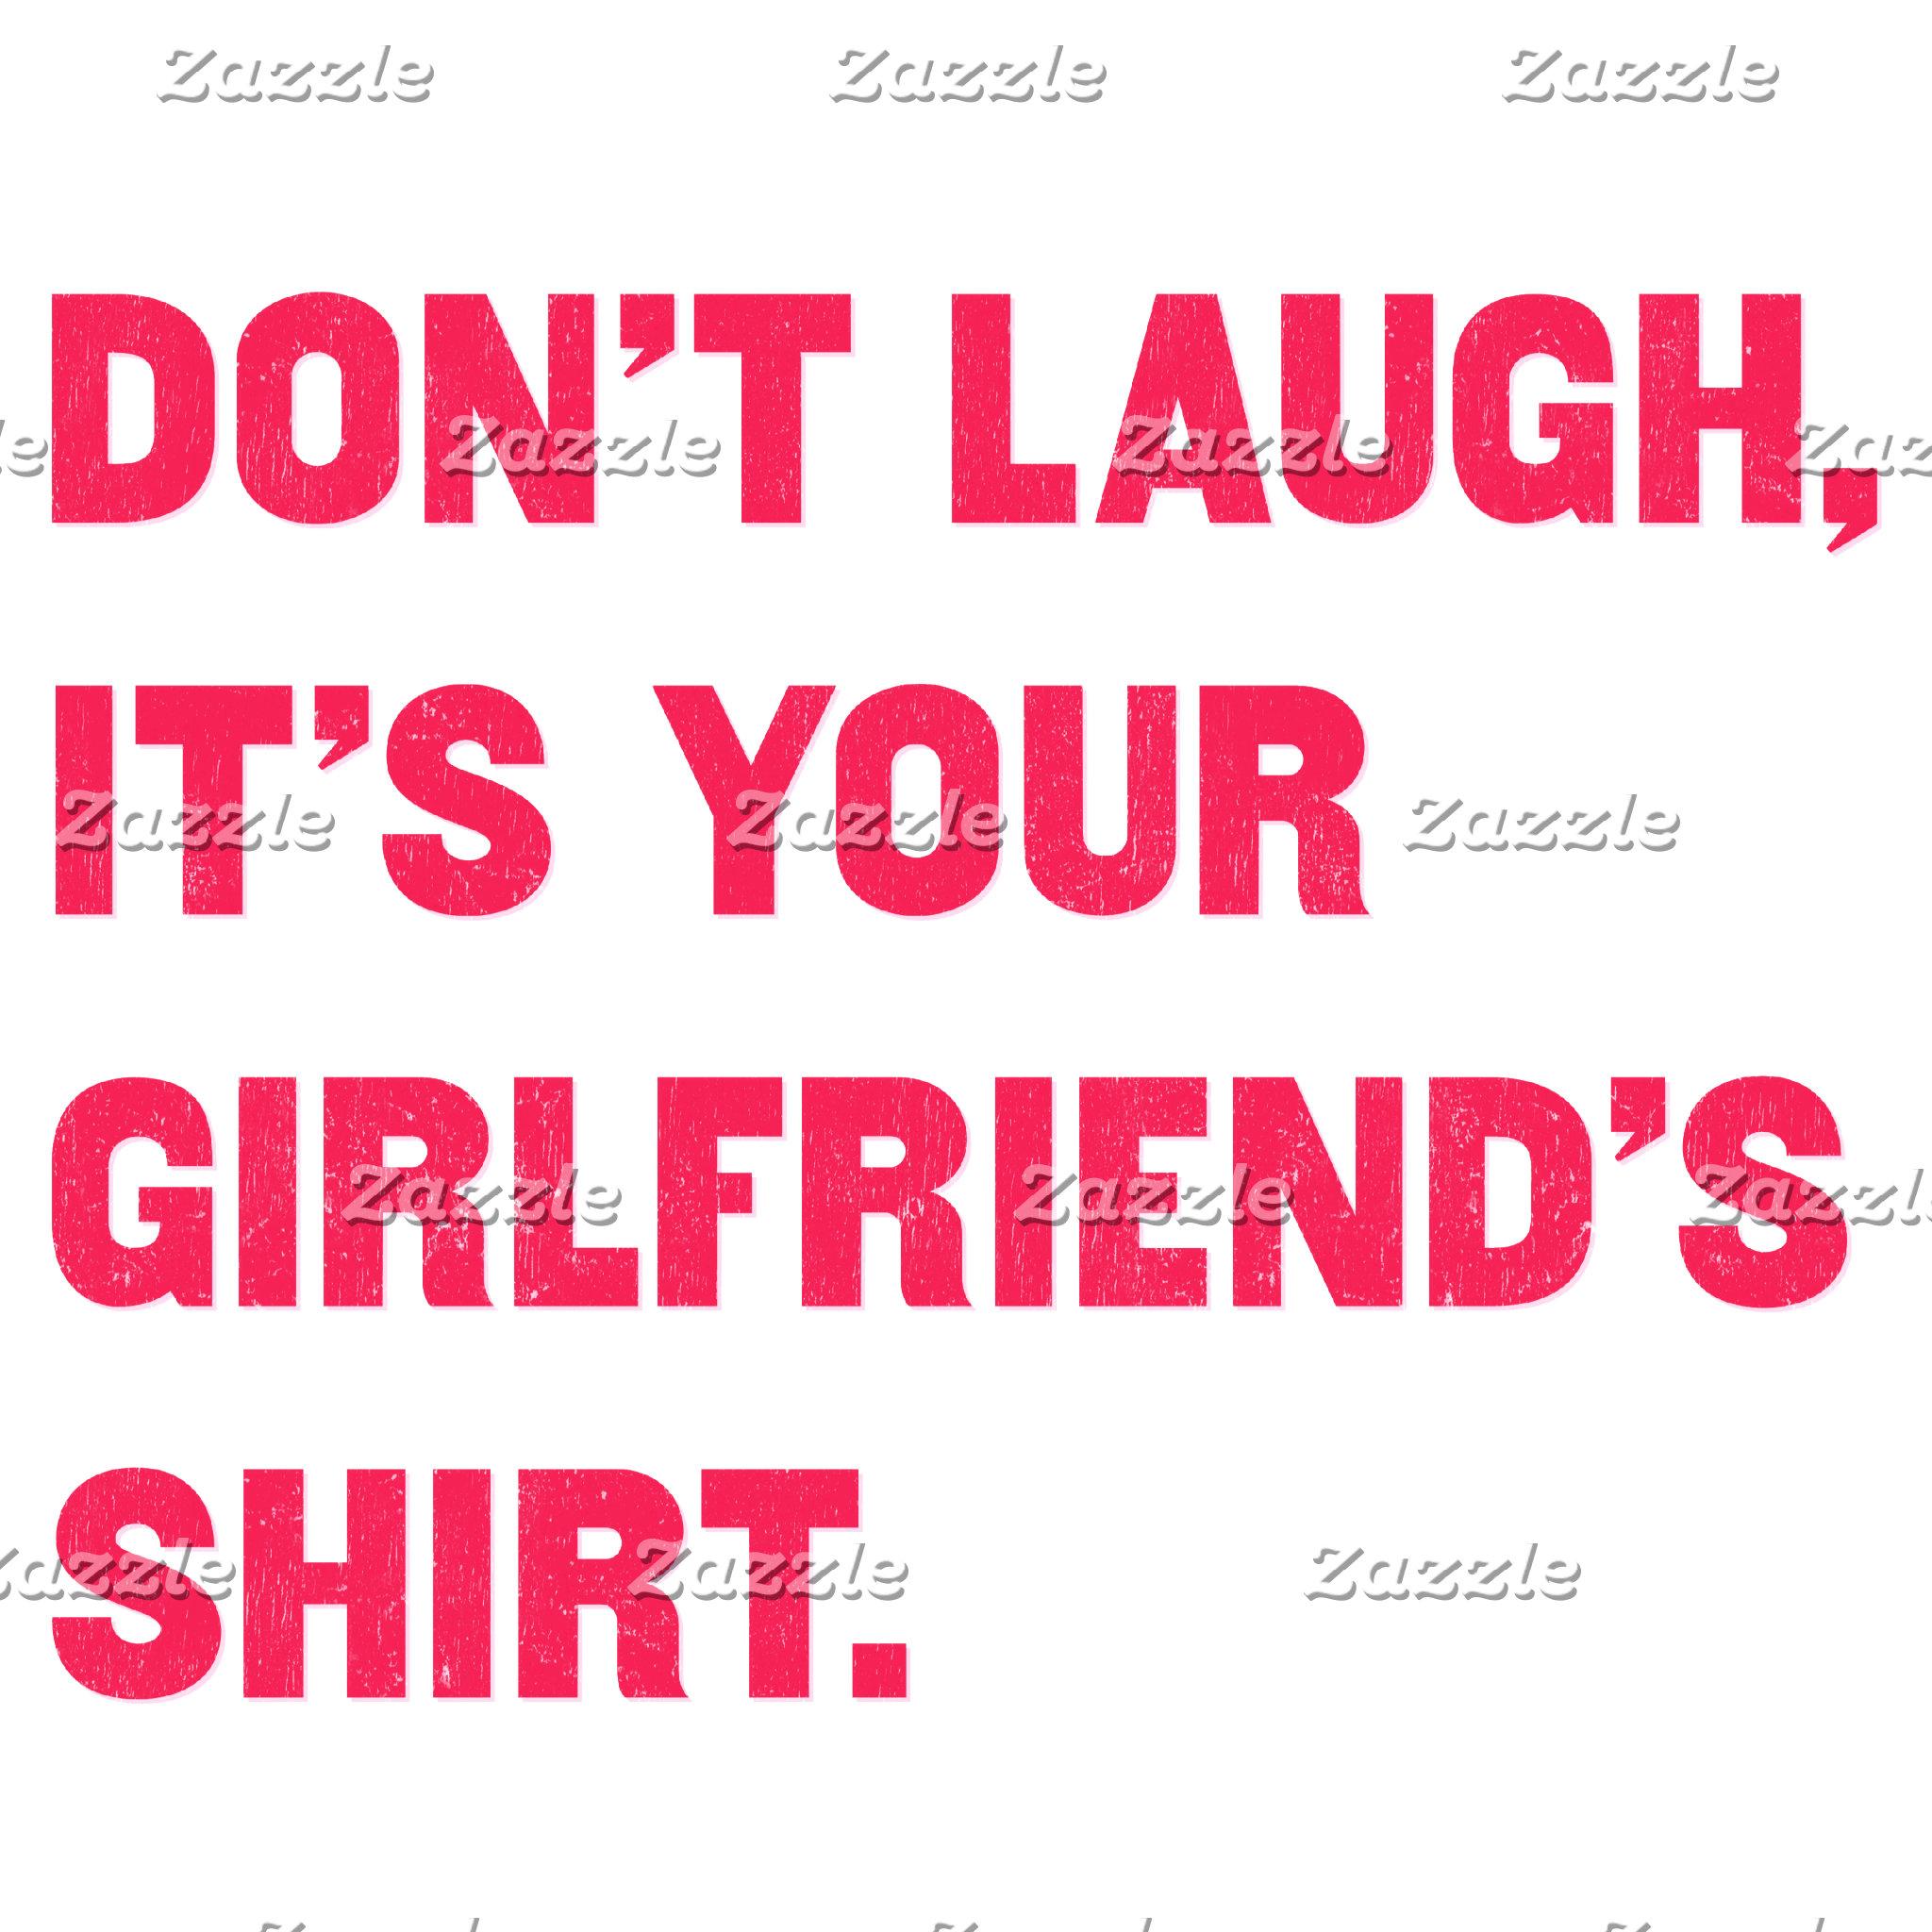 Don't laugh, it's your girlfriend's shirt.